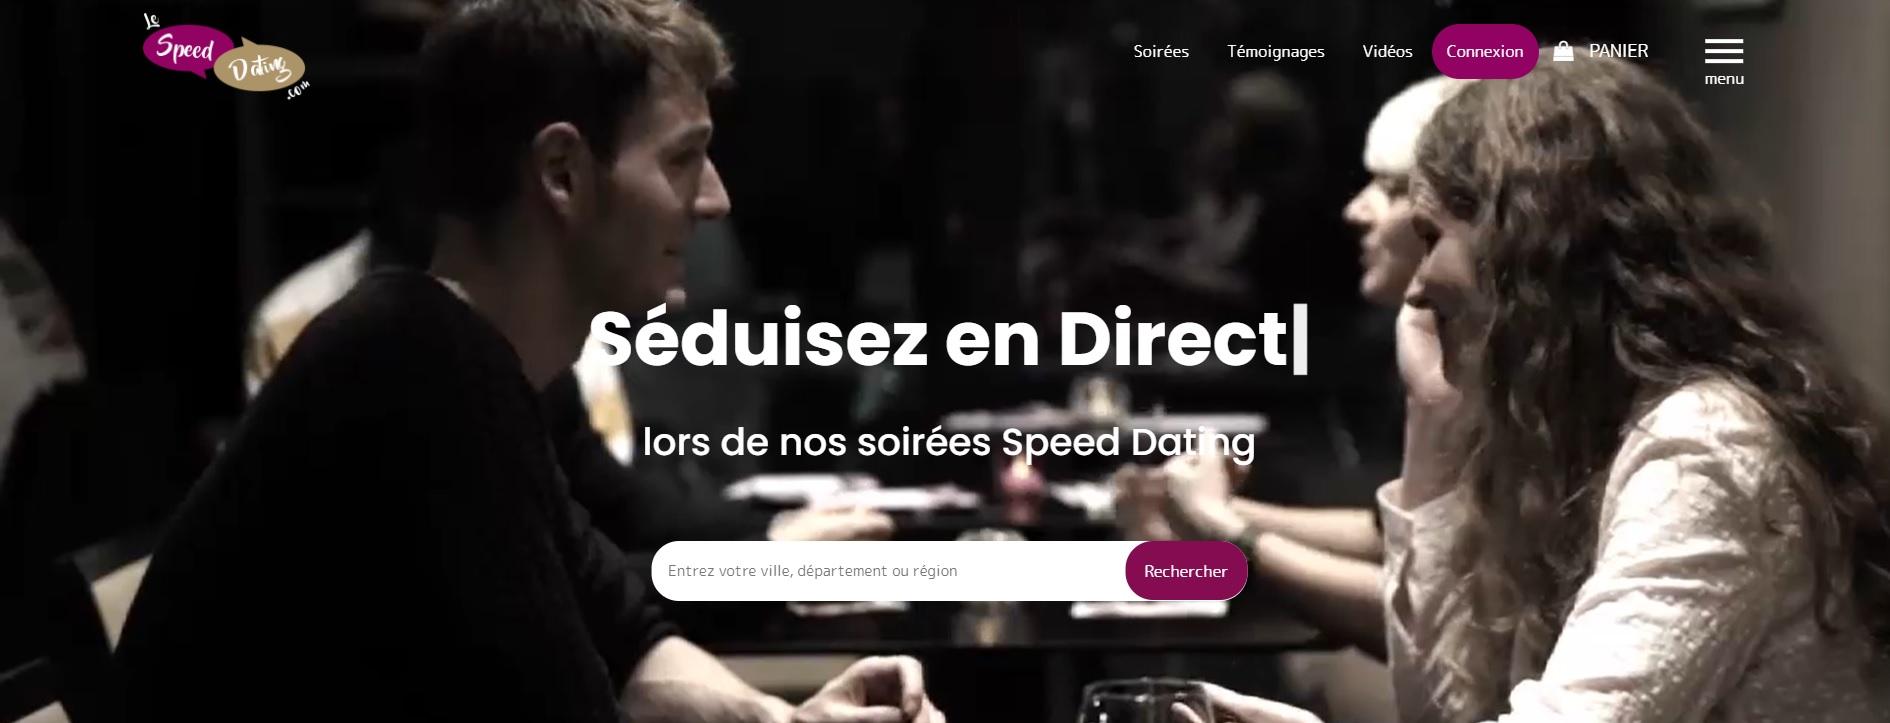 Lespeeddating.com pour trouver des soirées en France et dans sa ville